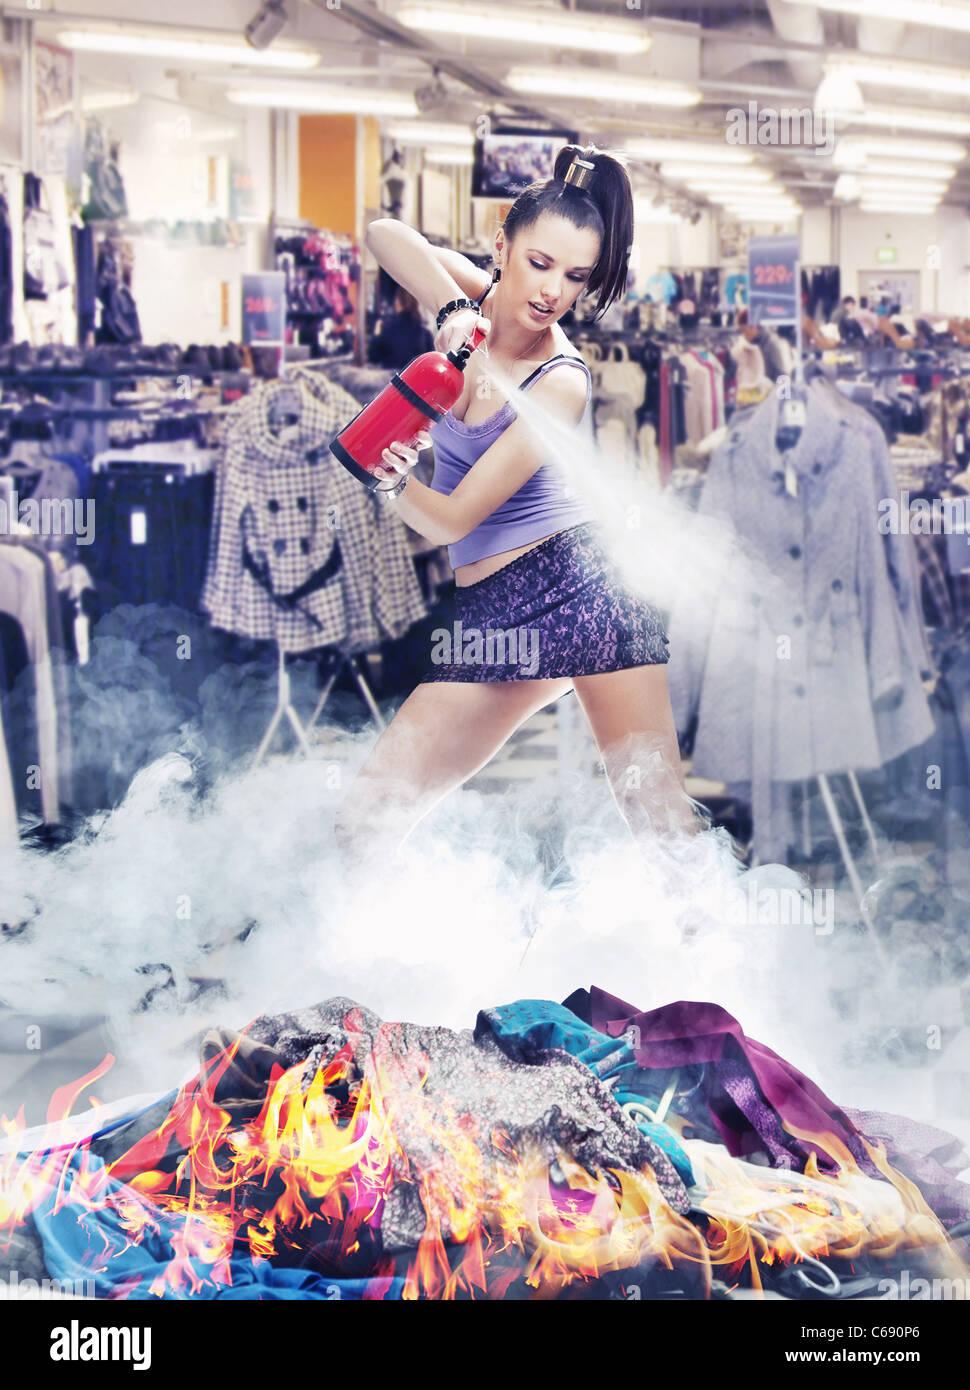 Nice girl irl est l'extinction de l'incendie de vêtements Photo Stock